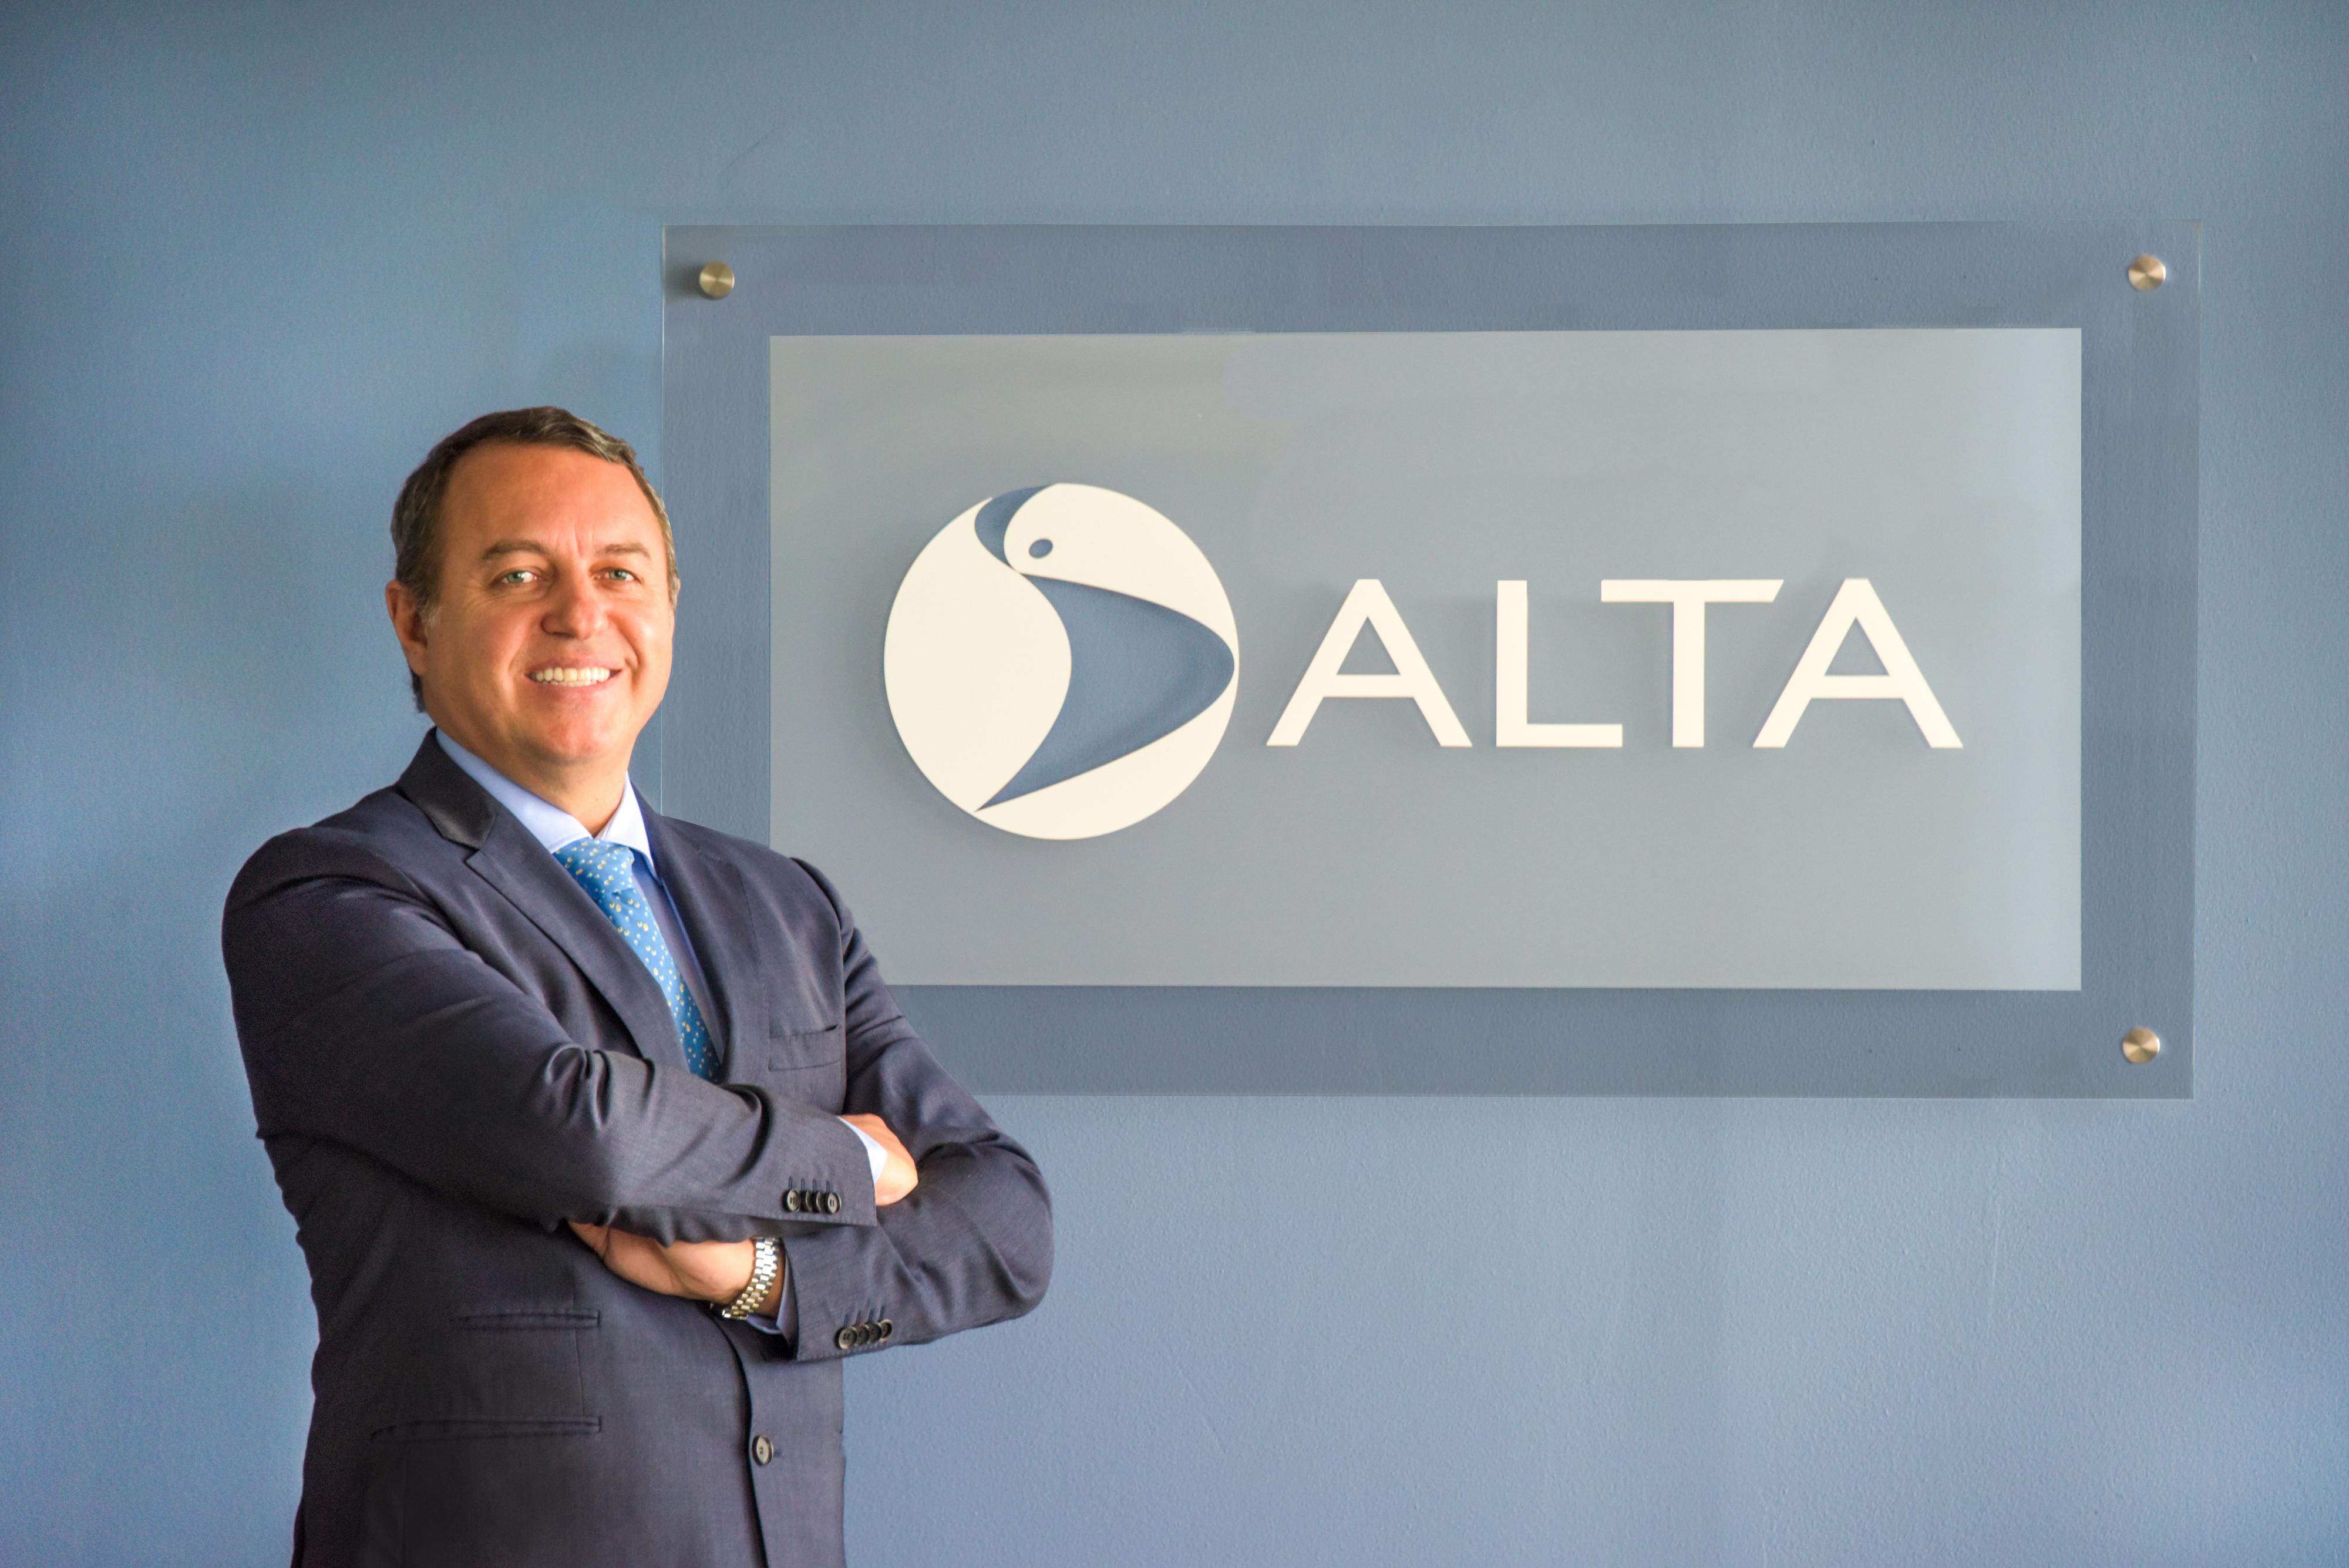 """De Oliveira-ALTA: """"Es de suprema necesidad obtener firma de Estados de Centroamérica para aprobar proyecto de Licencia Única Aeronáutica de Centroamérica"""""""